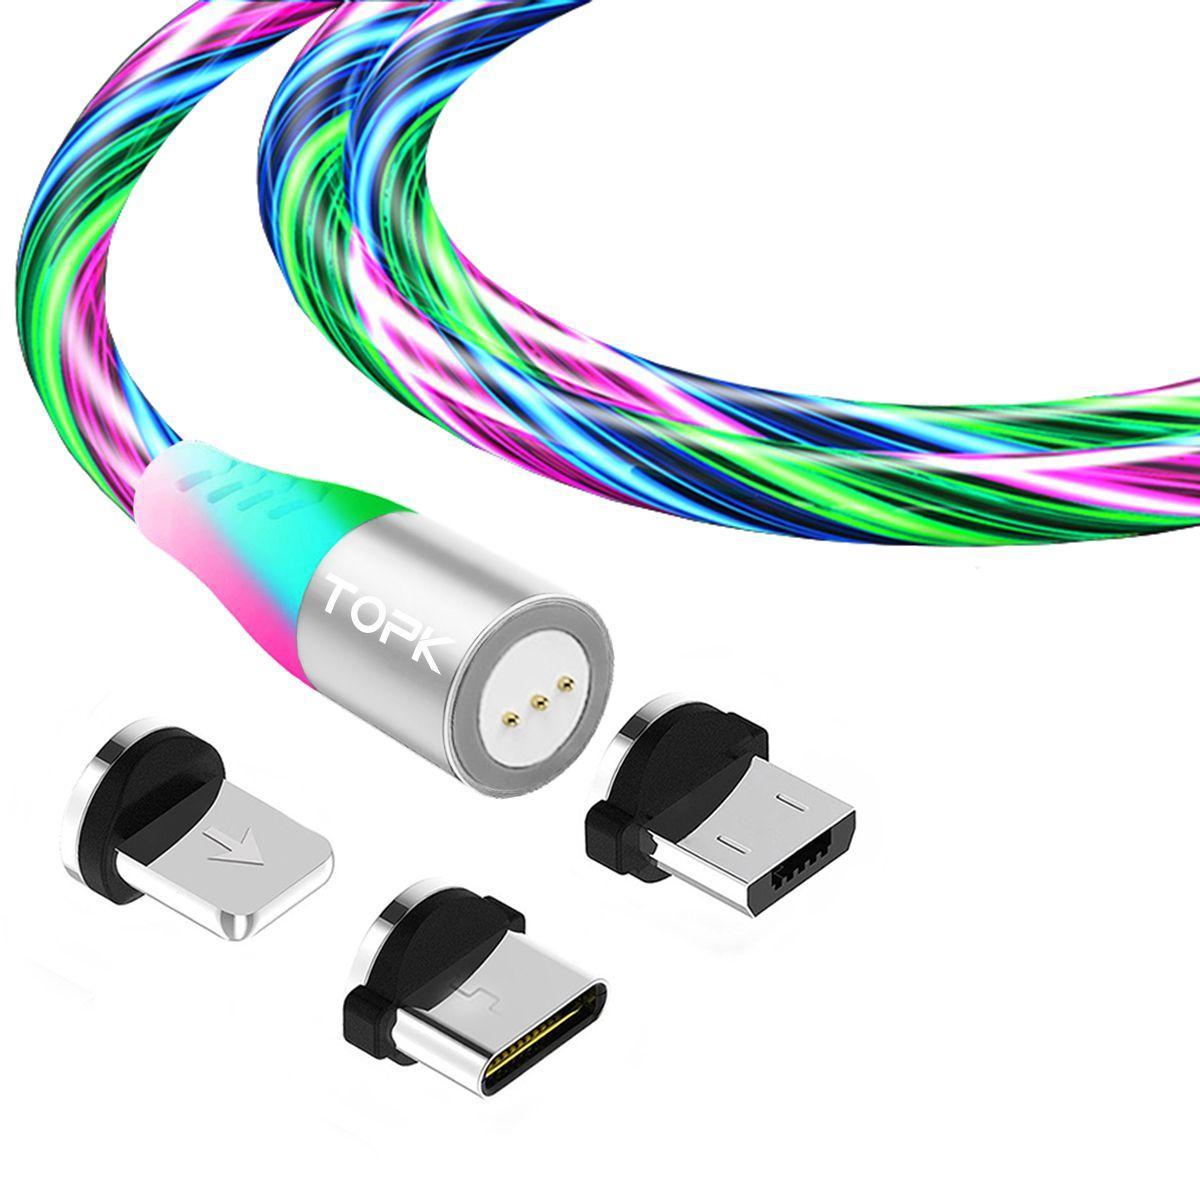 Магнітний кабель TOPK (AM16) 3в1 (SRZ 5A) для заряджання і передачі даних (100 см) RGB